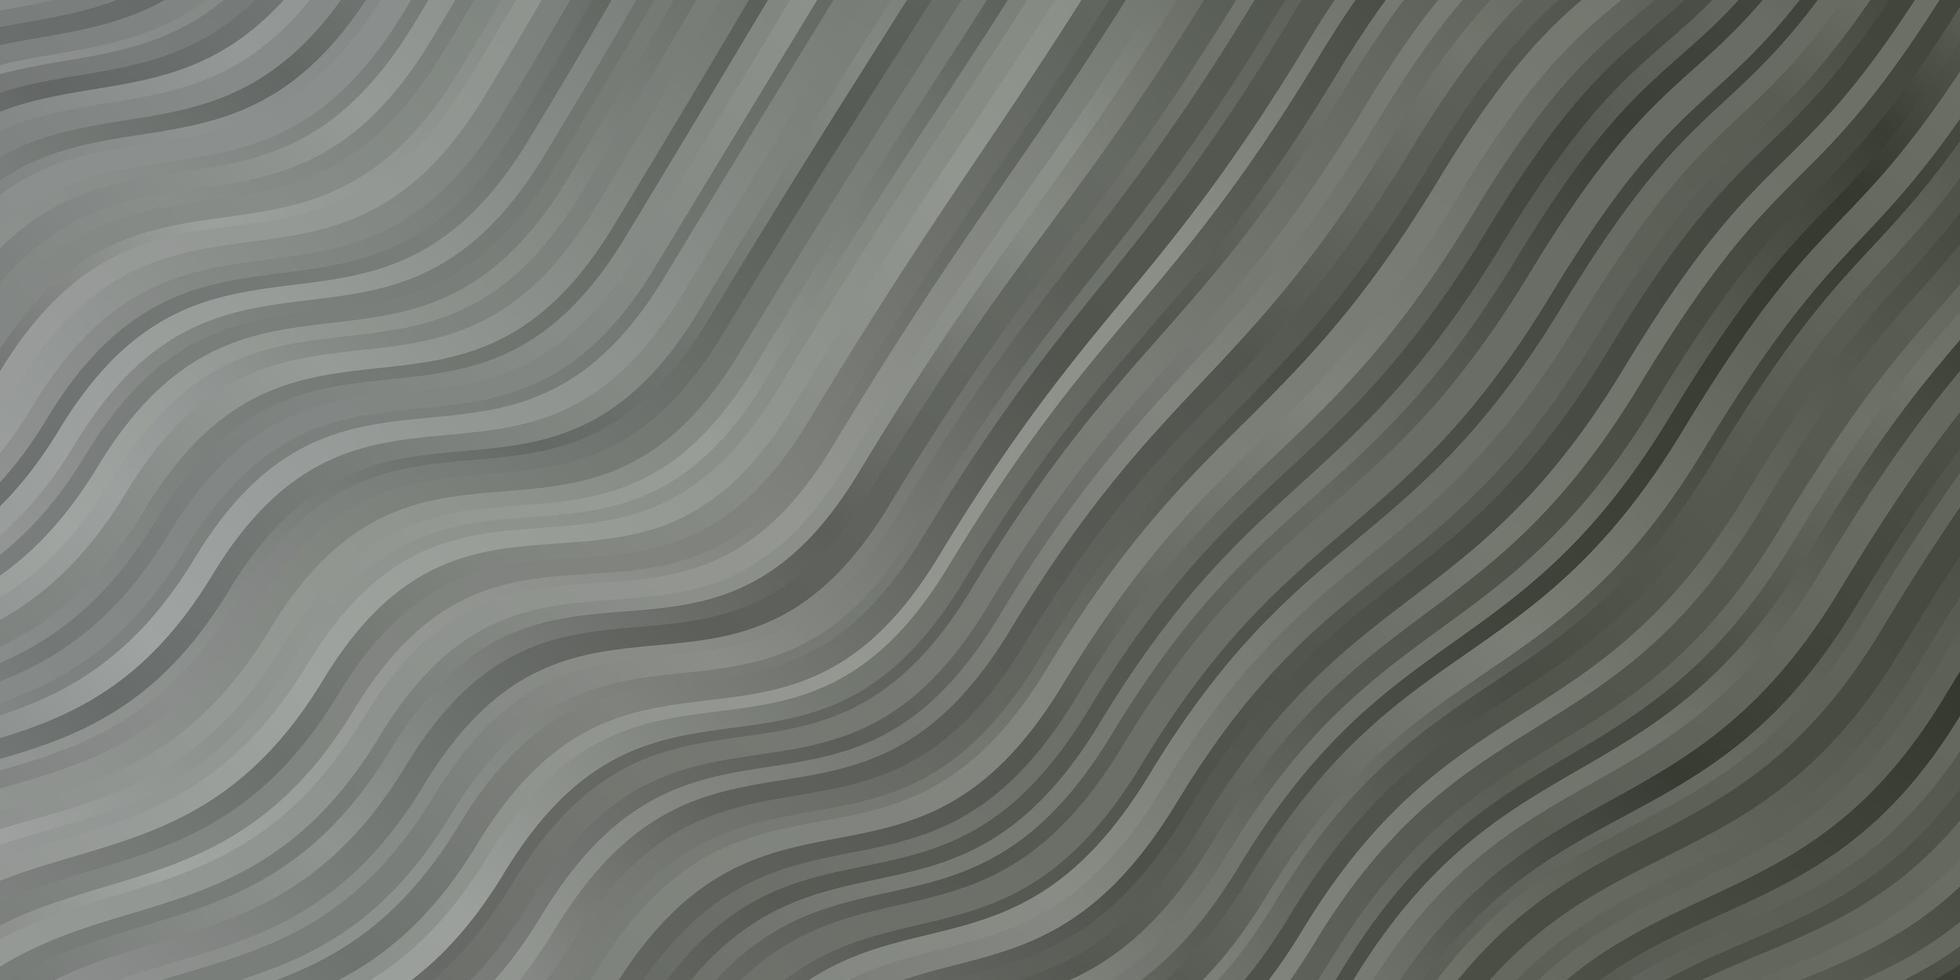 ljusgrå bakgrund med böjda linjer. vektor